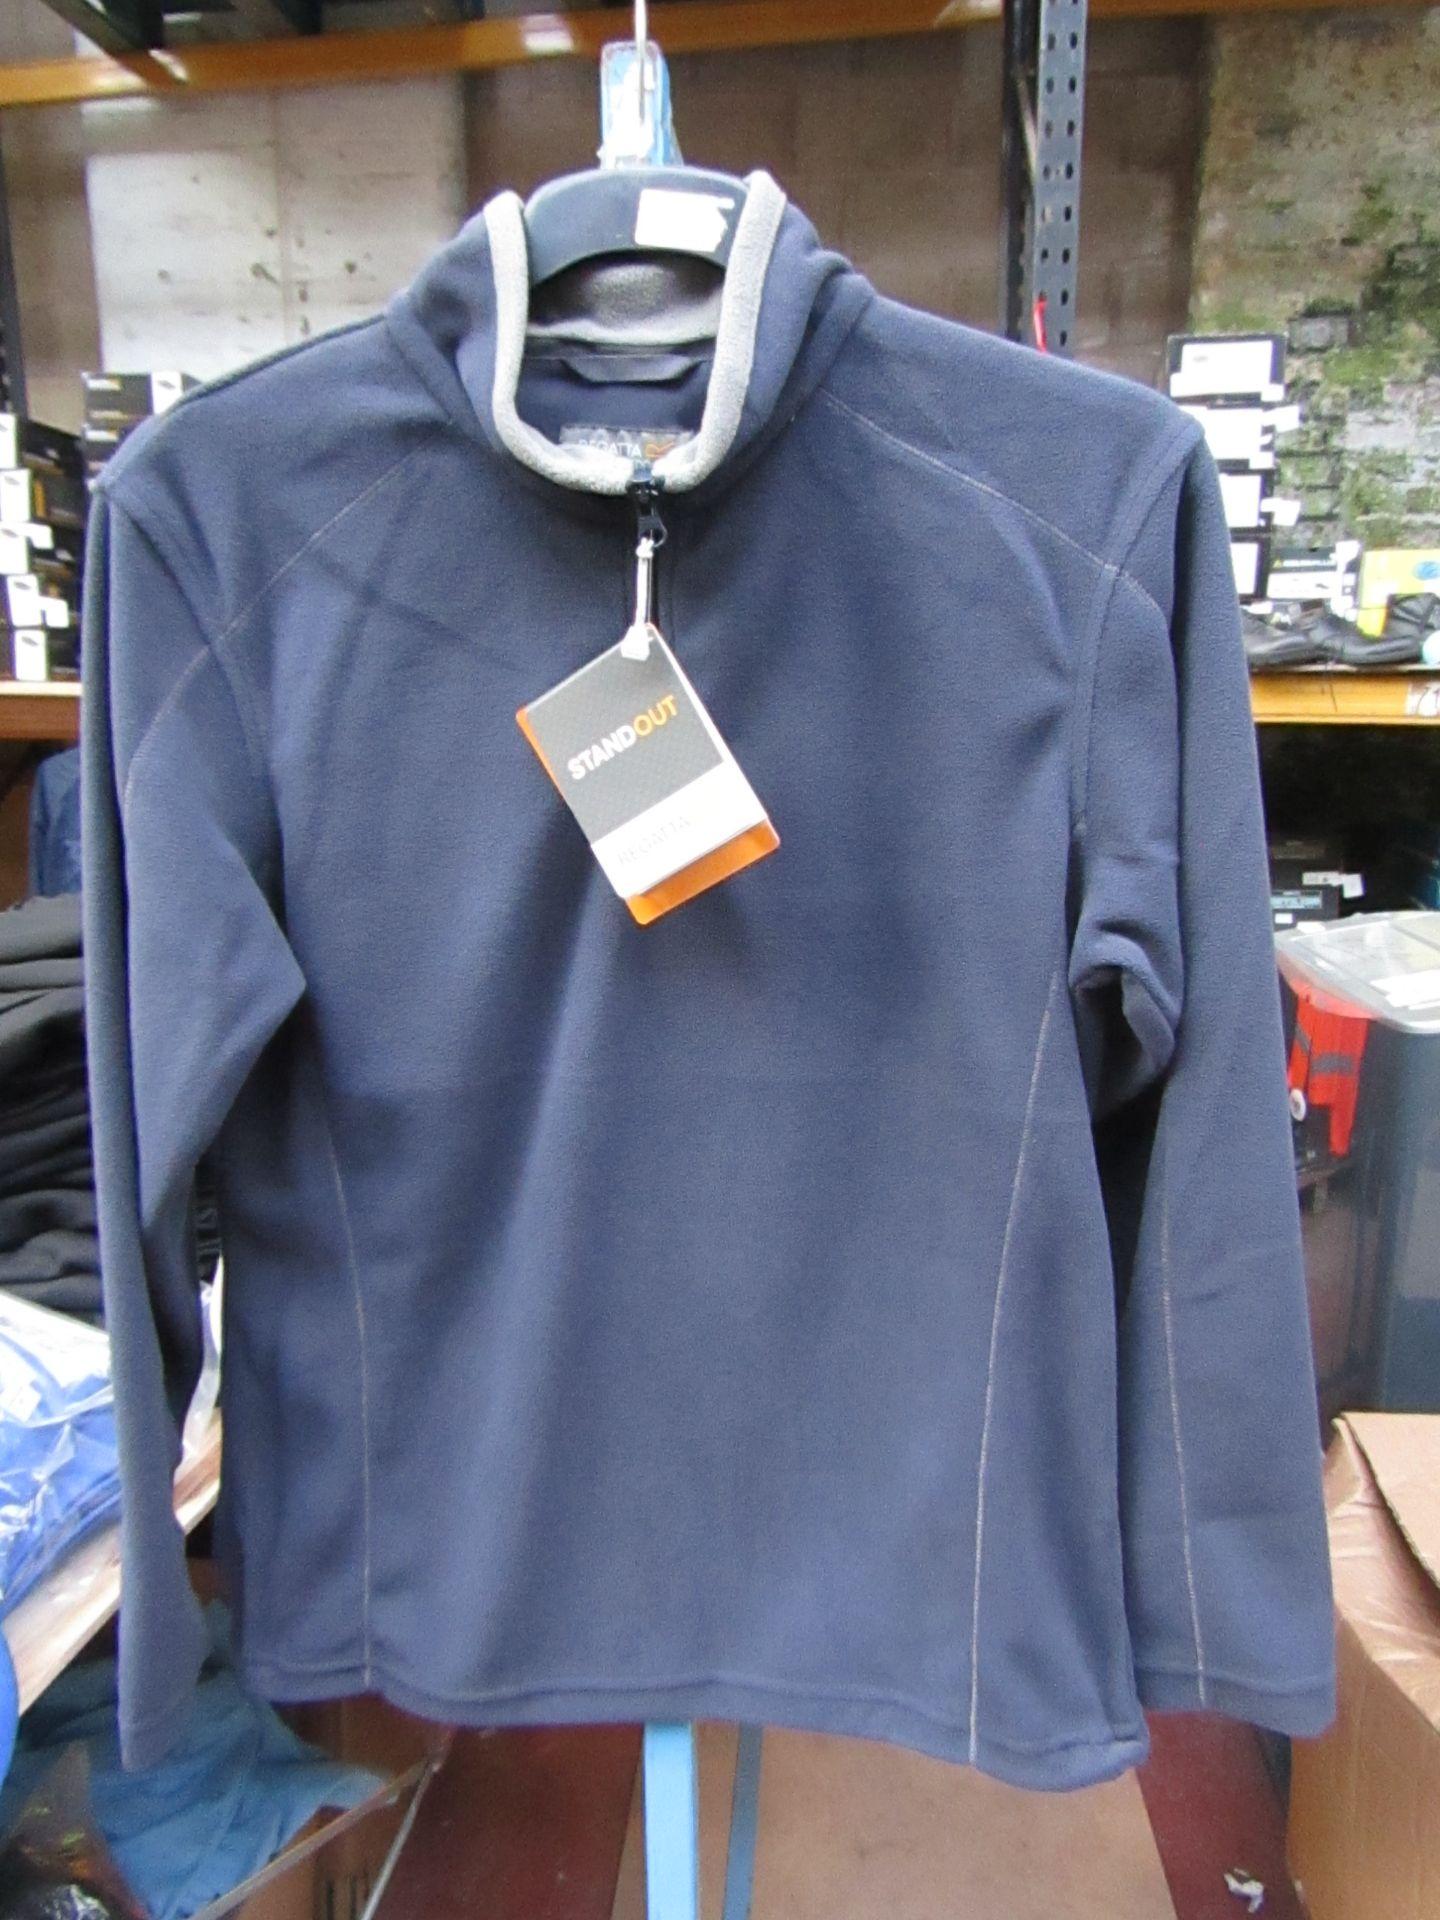 Lot 12 - Men's Regatta Professional Fleece Navy Blue / Smoke. Size XS. new in Packaging